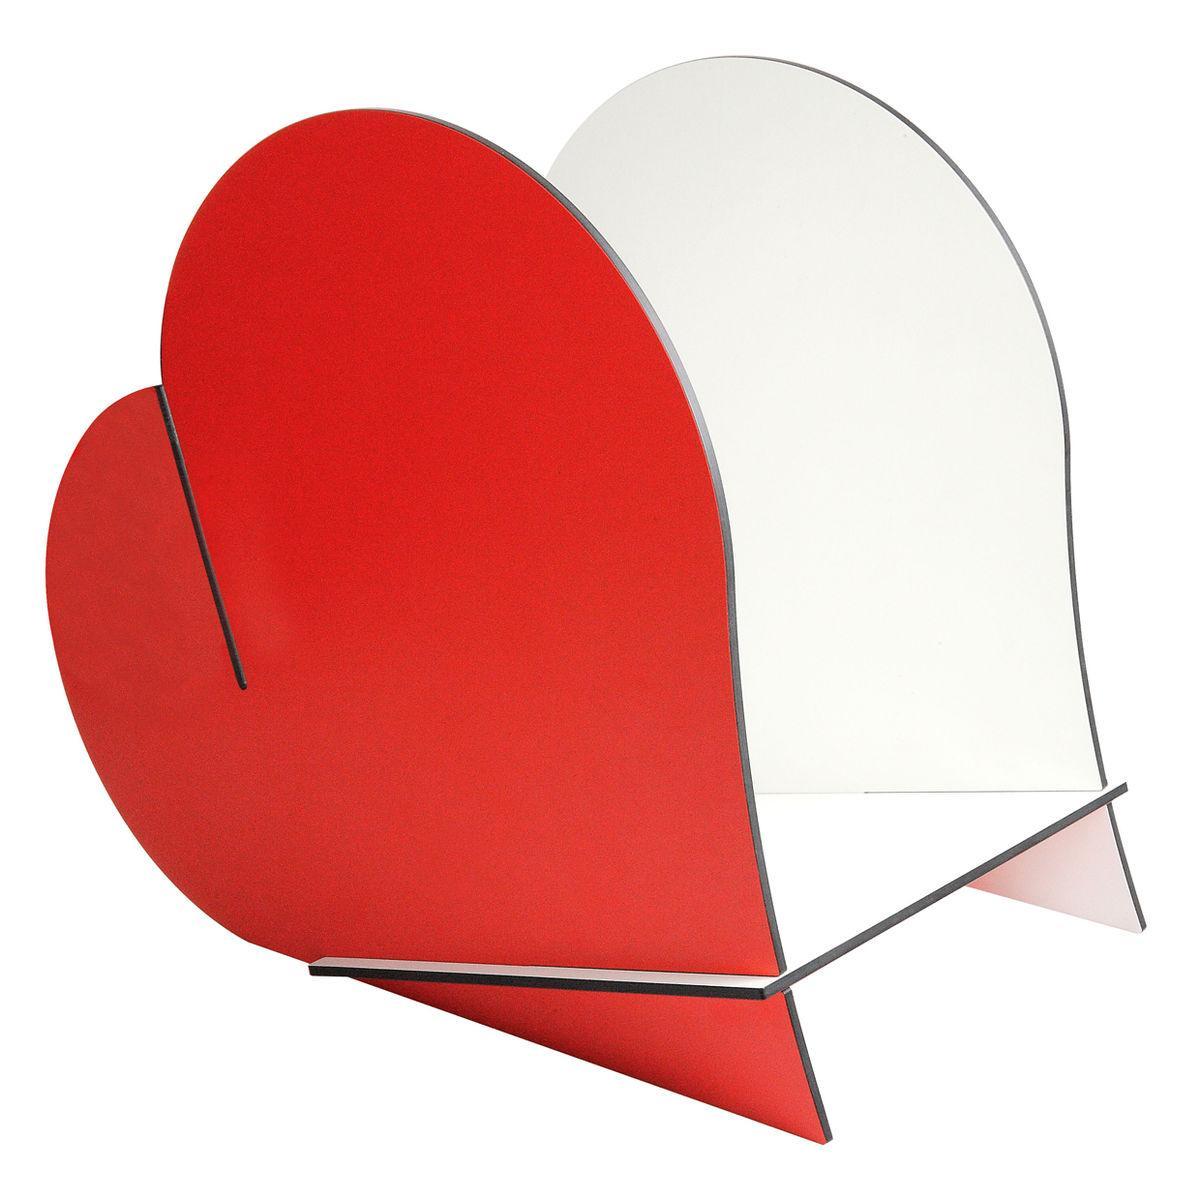 Contenitore multiuso formato da tre tasselli incassati tra loro a forma di cuore bicolore bianco e rosso